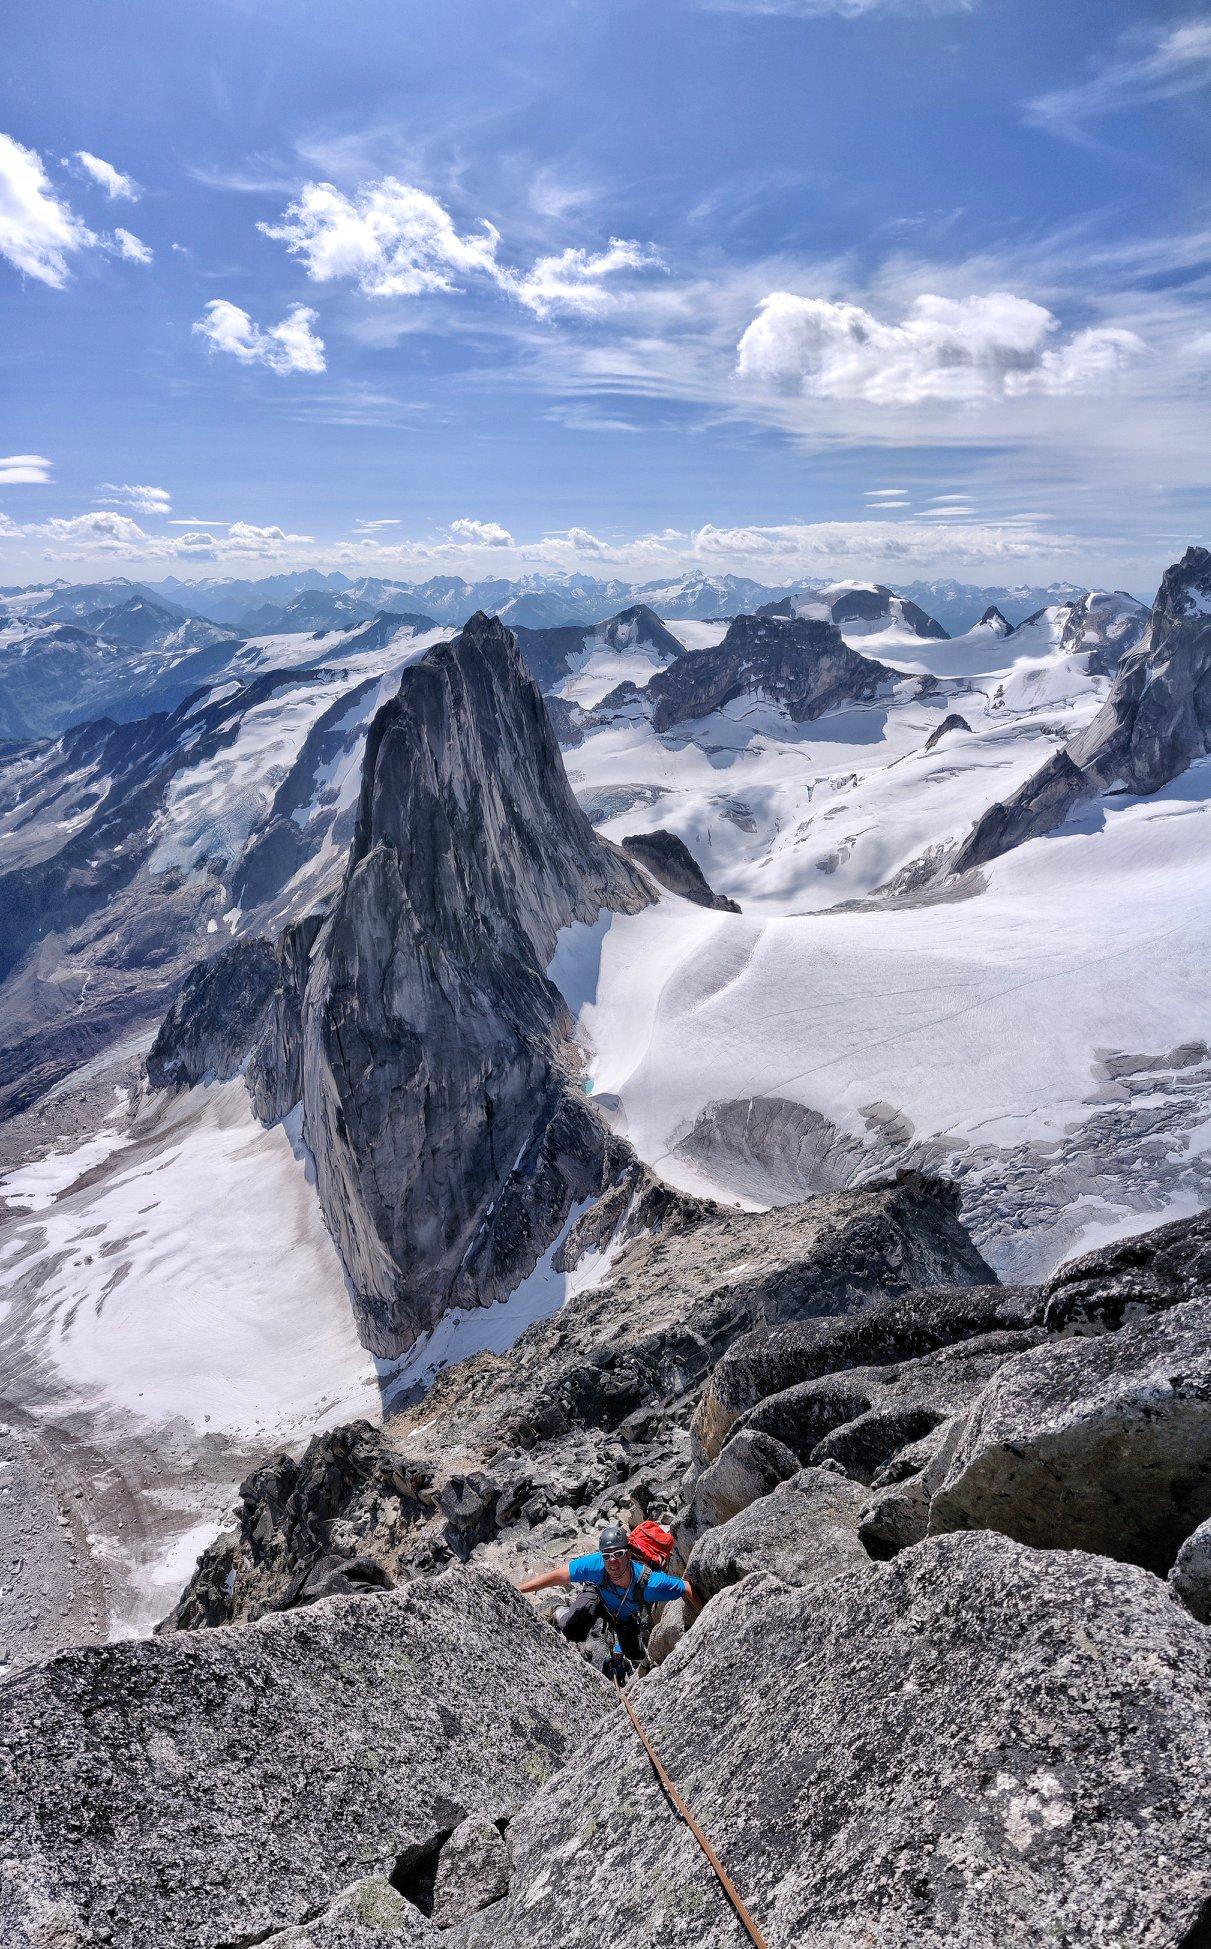 Mountain guiding